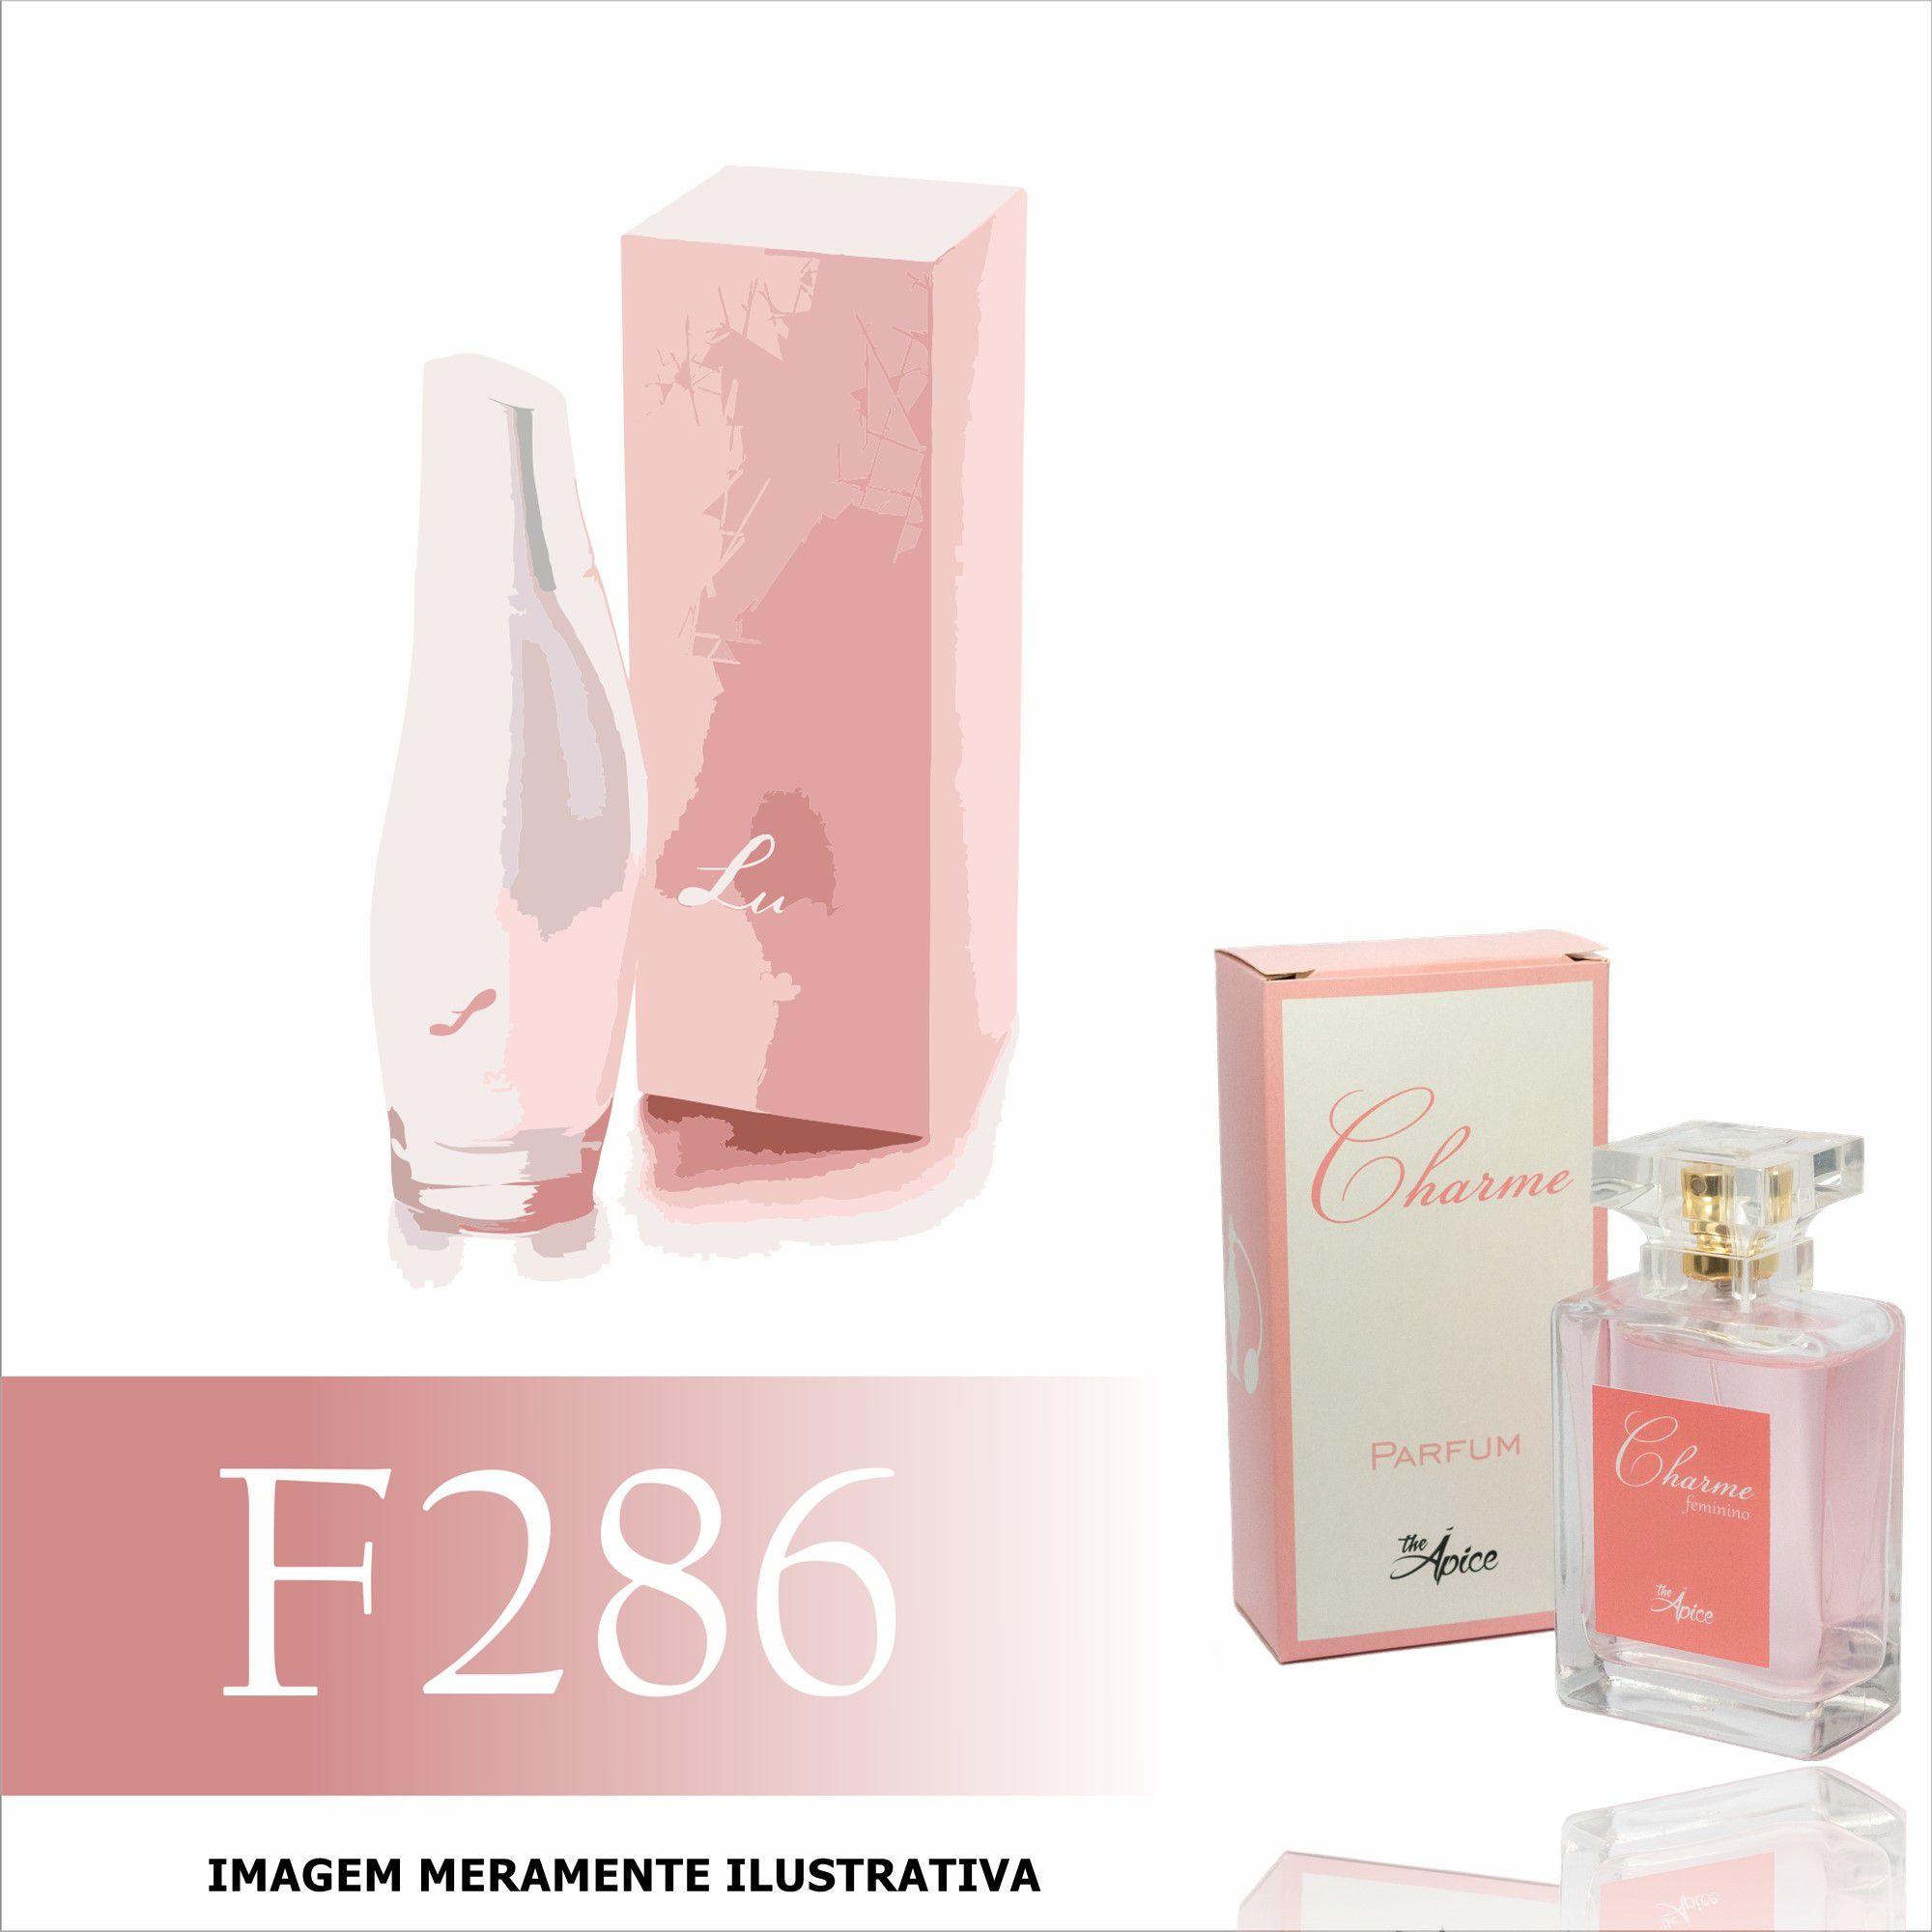 Perfume F286 Inspirado no Luna da Natura Feminino